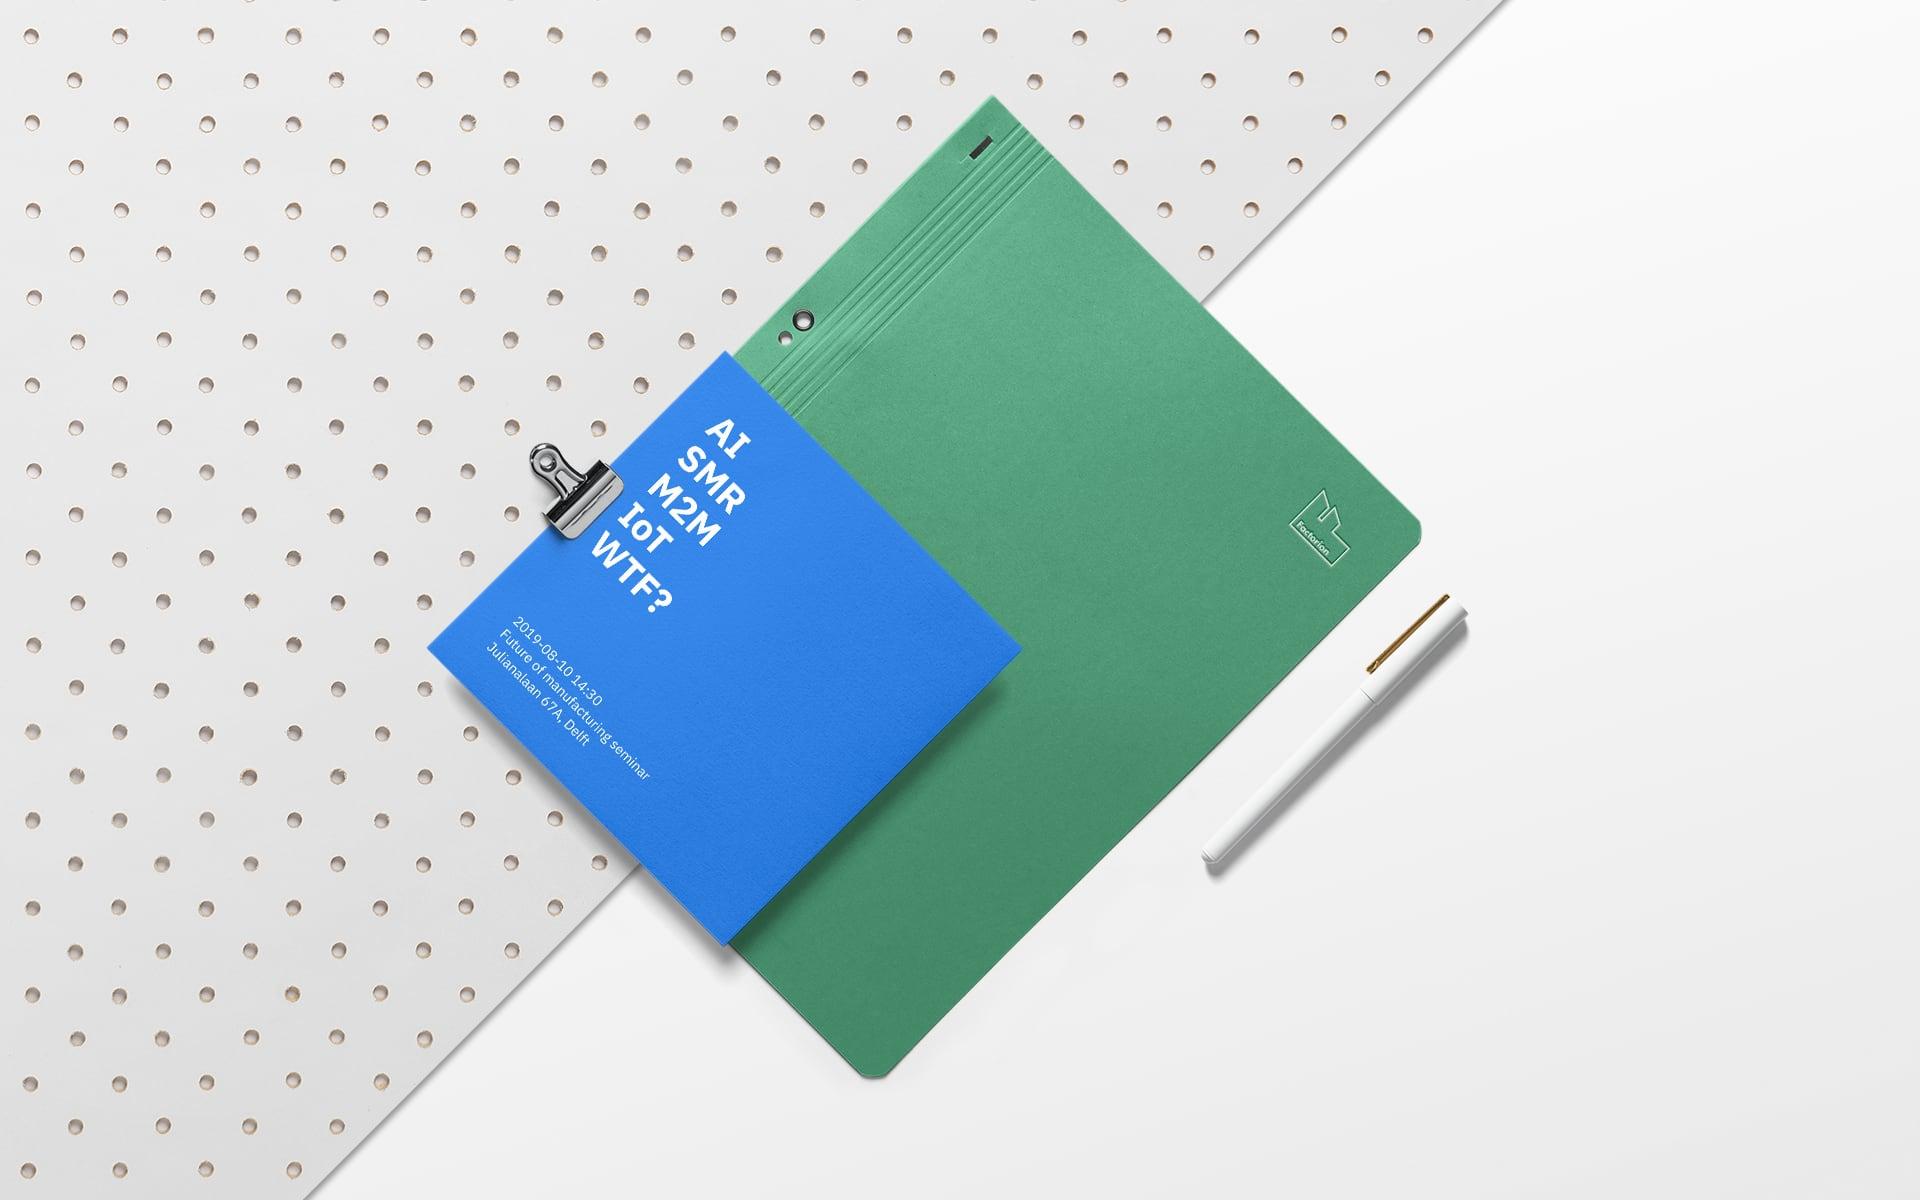 Factorion binder and square flyer design